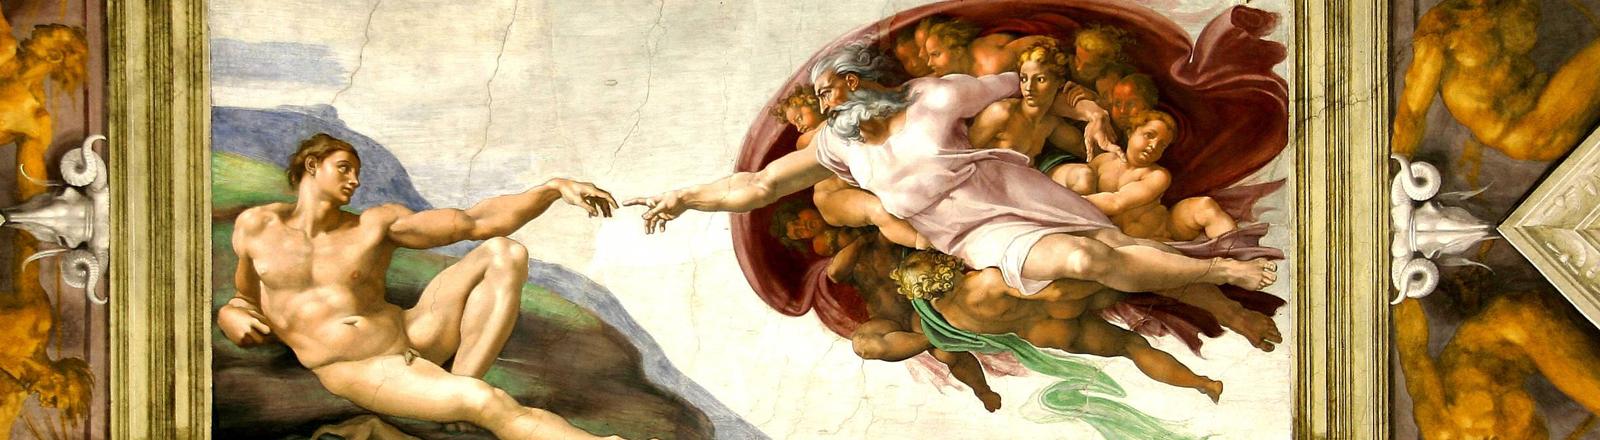 Das Fresco in der Sixtinischen Kapelle